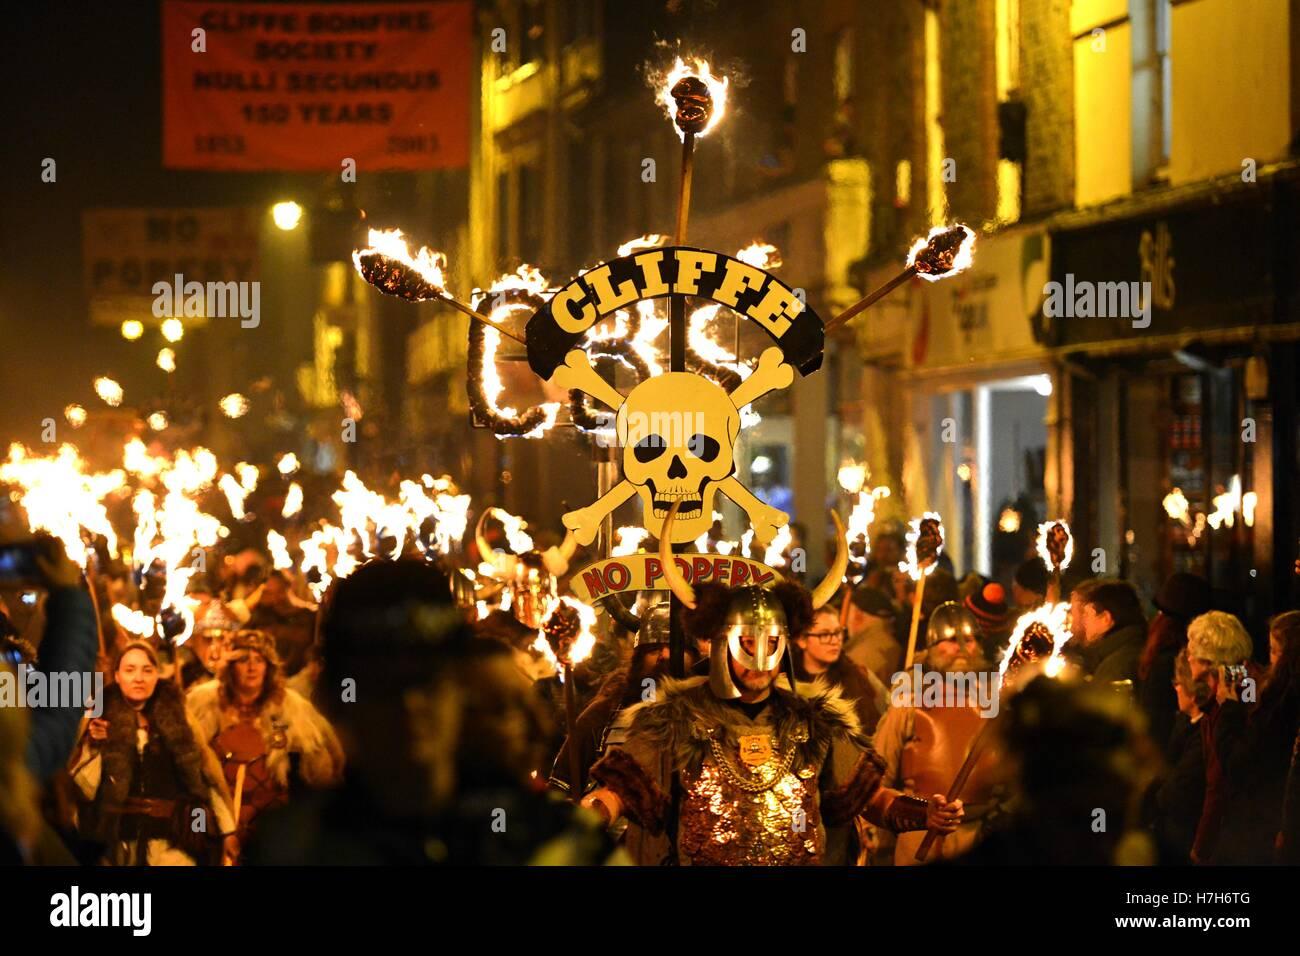 Lewes, East Sussex. 5 novembre 2016. Lewes celebra la sua famosa notte dei falò con una drammatica con fiaccolata Immagini Stock